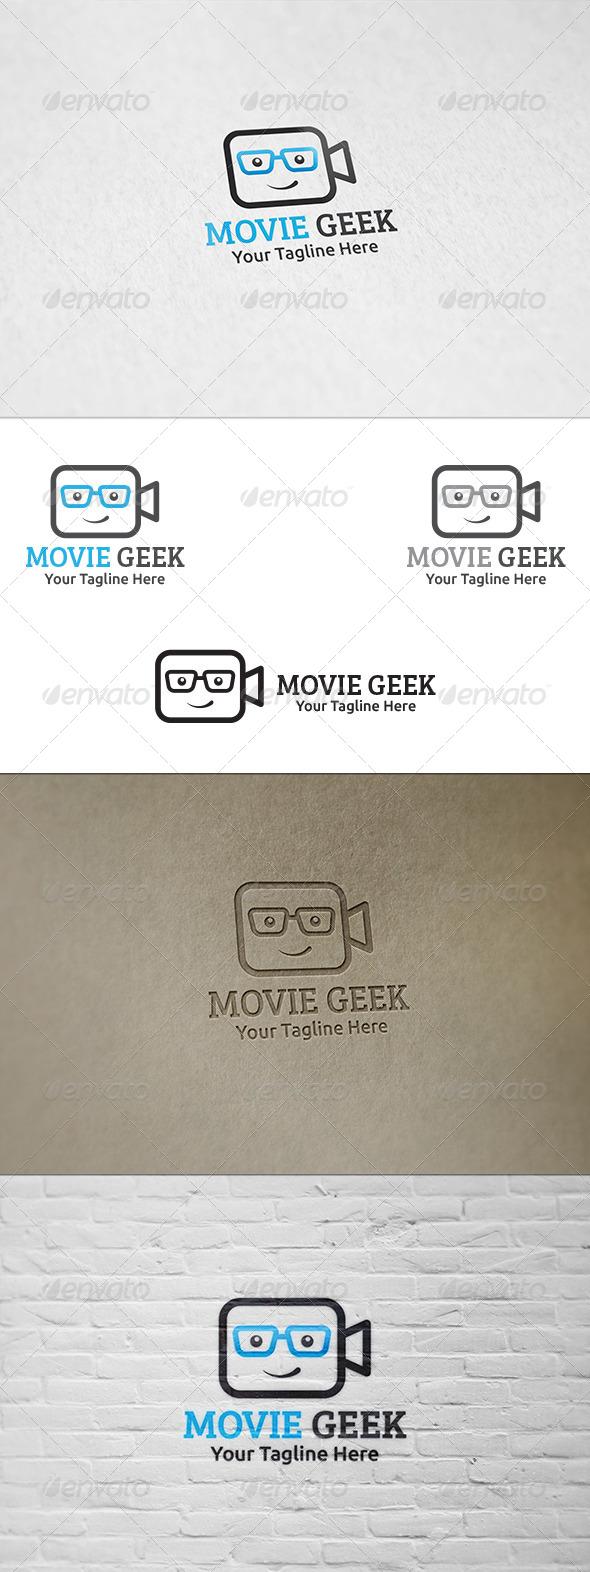 Movie Geek - Logo Template